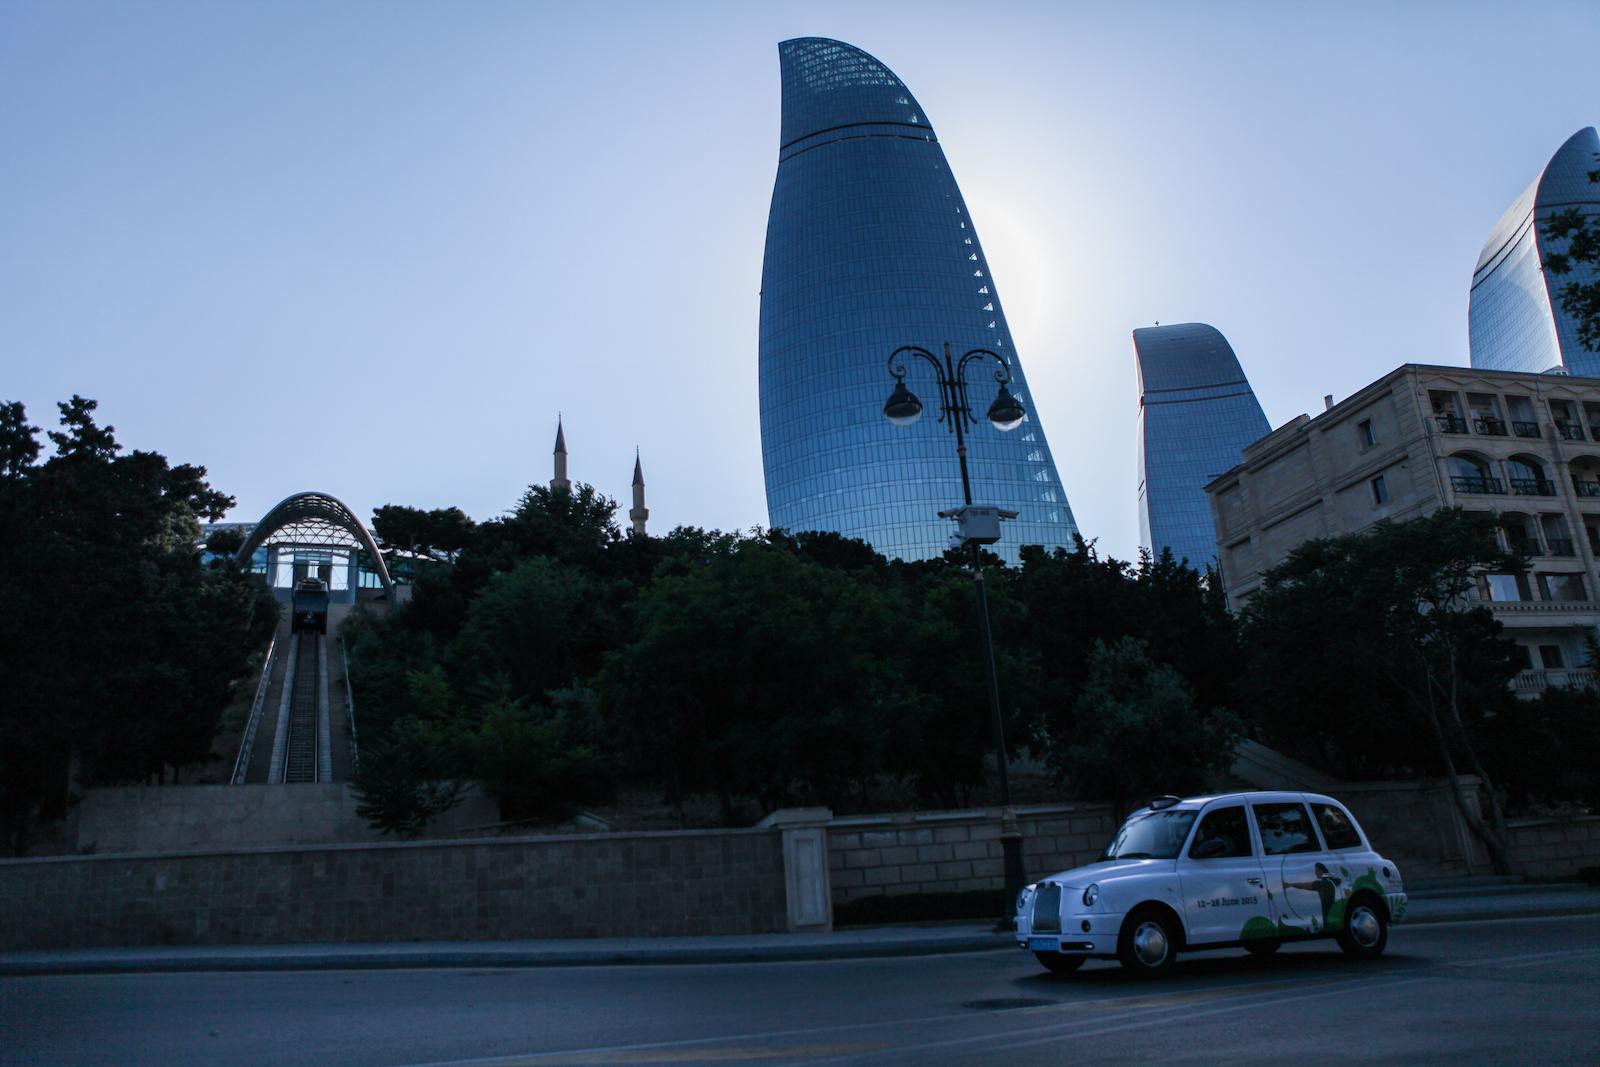 Les Flame Towers, inaugurées en 2012, surplombent la baie de Bakou. Le symbole du renouveau urbain.